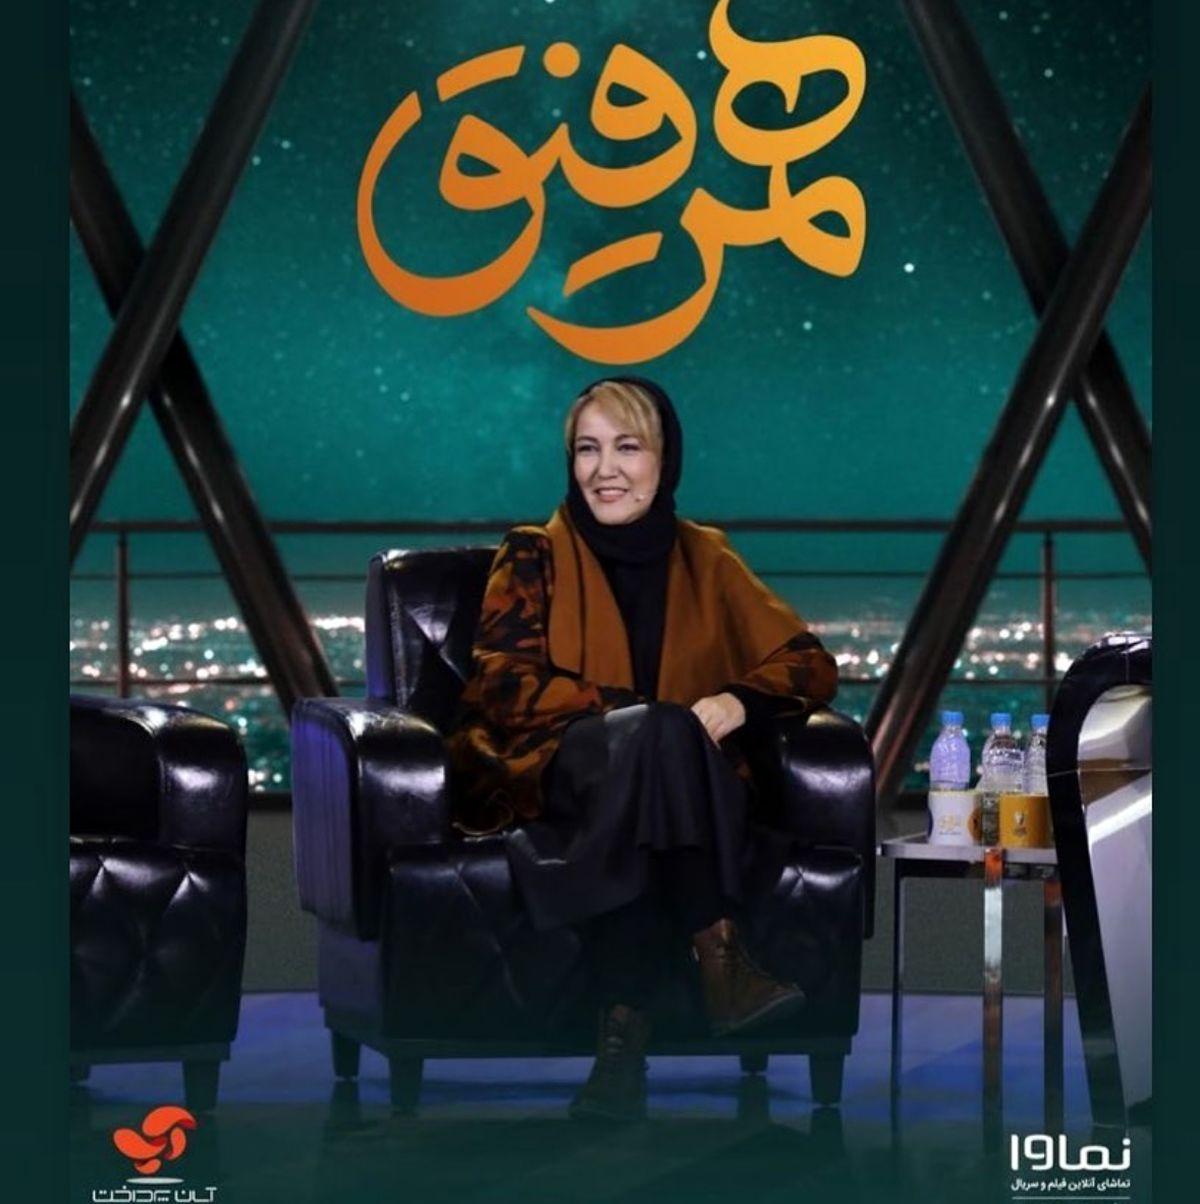 واکنش خواهر پانته آ بهرام بعد از حواشی توهین در همرفیق